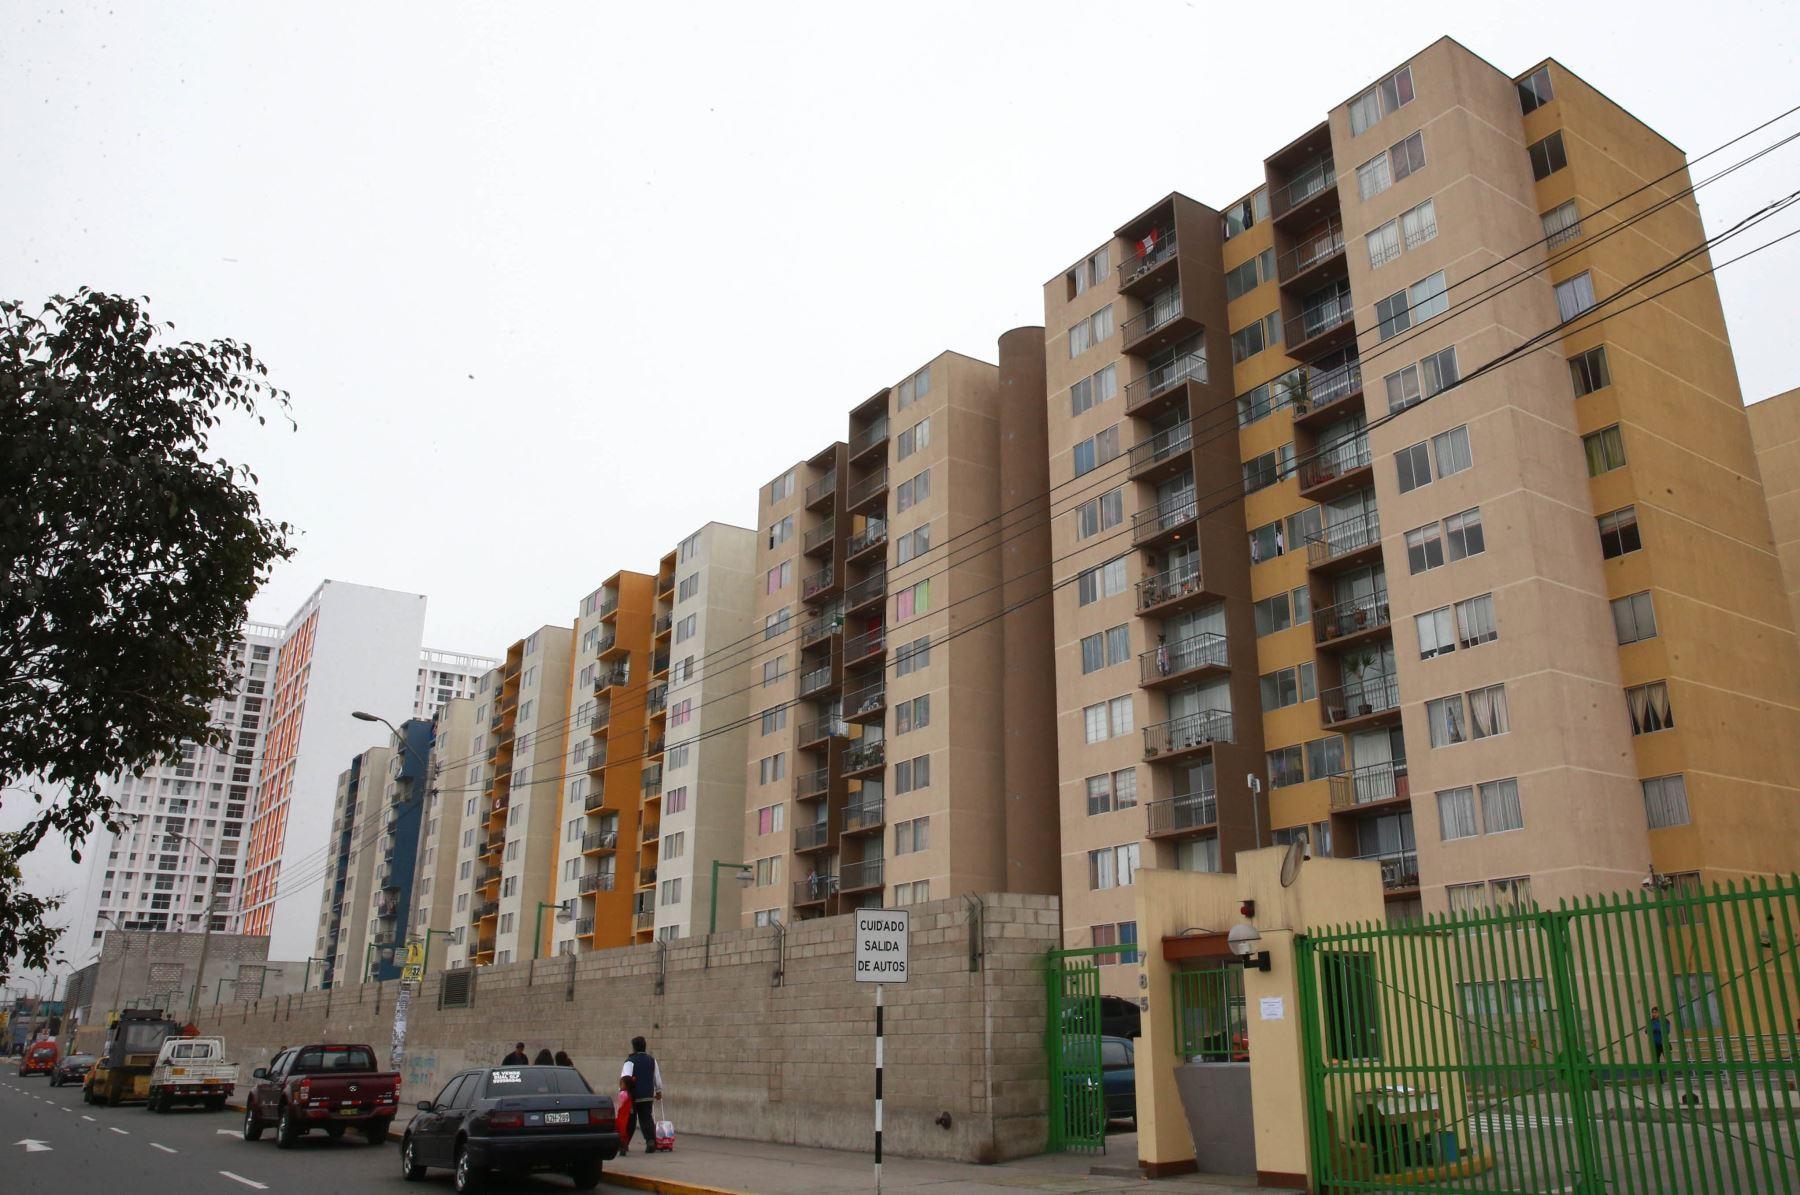 Por ejemplo, si una vivienda cuesta 300,000 dólares el valor de la hipoteca sería de 250,000 dólares aproximadamente, por lo cual el o los propietarios podrían recibir del banco 1,000 dólares mensuales por 20 años. Foto: ANDINA/archivo